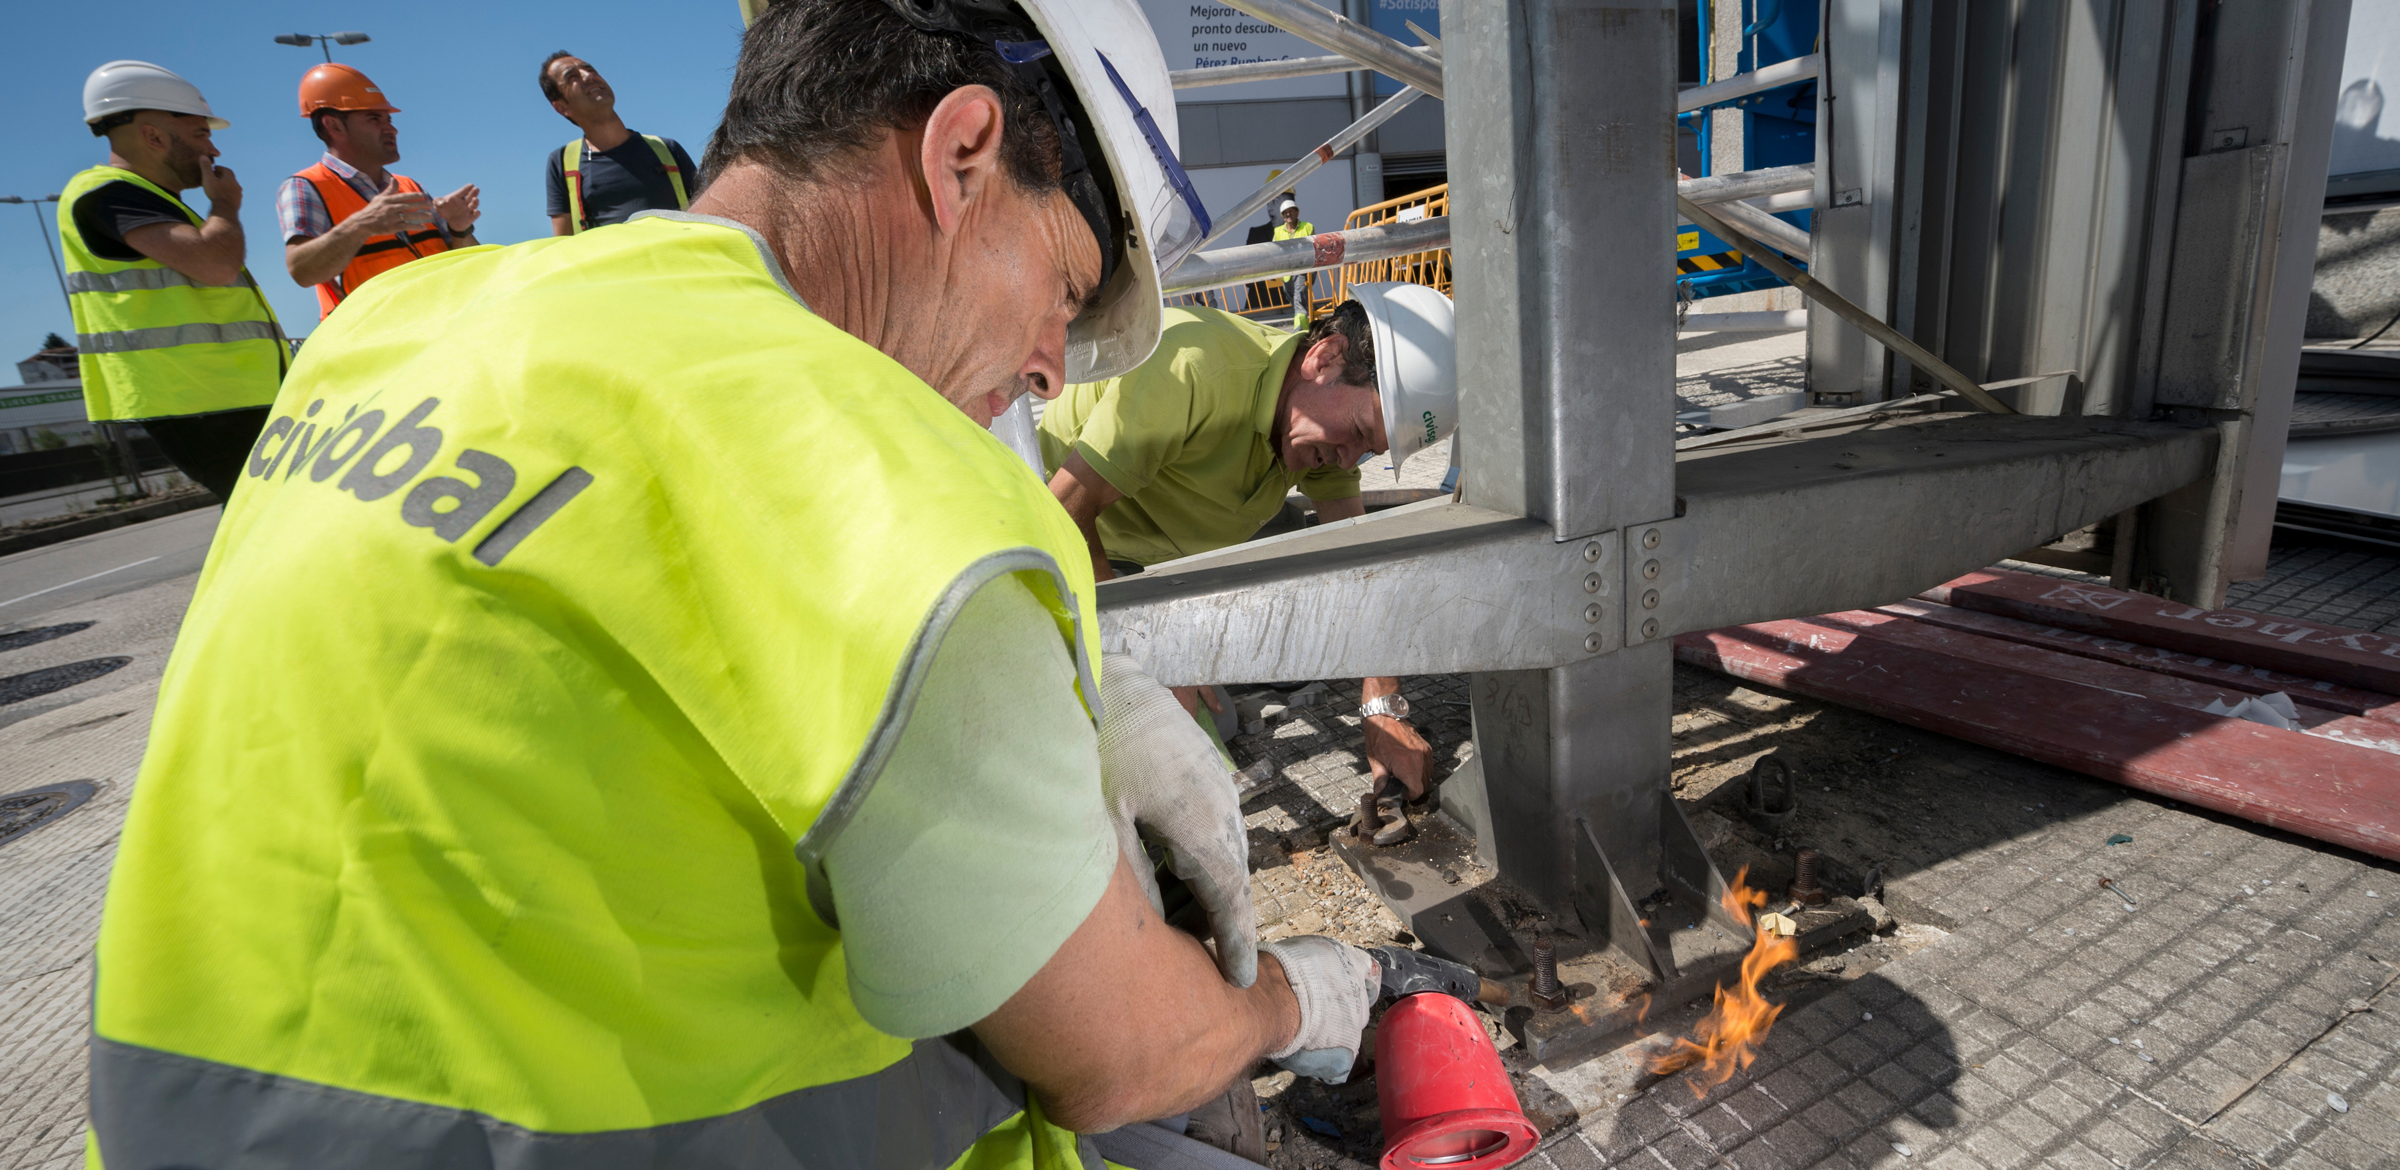 El crecimiento del empleo directo en Civis Global se ha duplicado en los últimos cinco años, gracias al aumento de la cartera de obras y servicios de la constructora con sede social en Vigo.